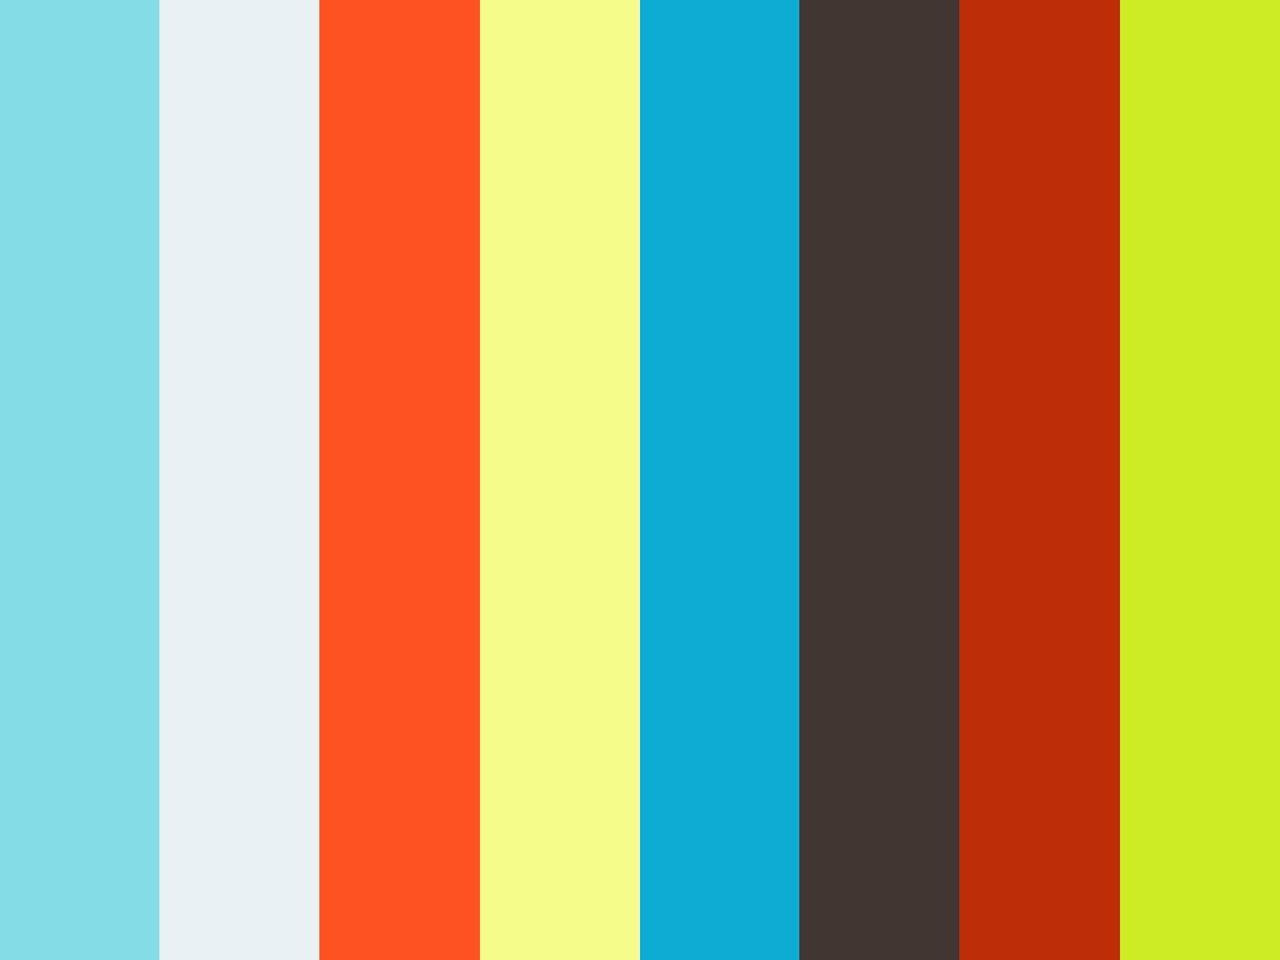 CONGRESSO 2015 - PALESTRA 3 - HERNANDES DIAS LOPES